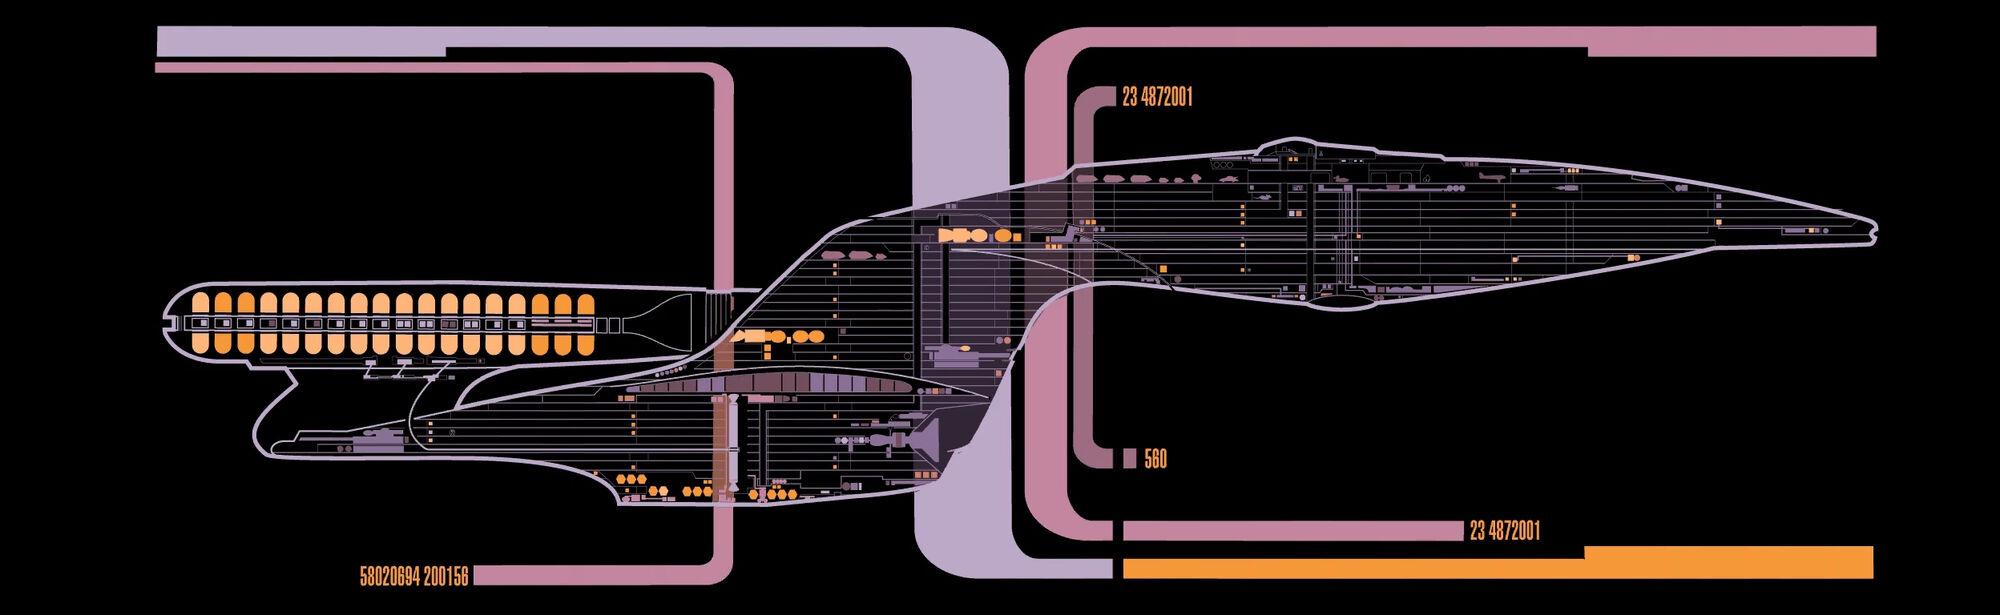 Galaxy Class Decks Memory Alpha Fandom Powered By Wikia